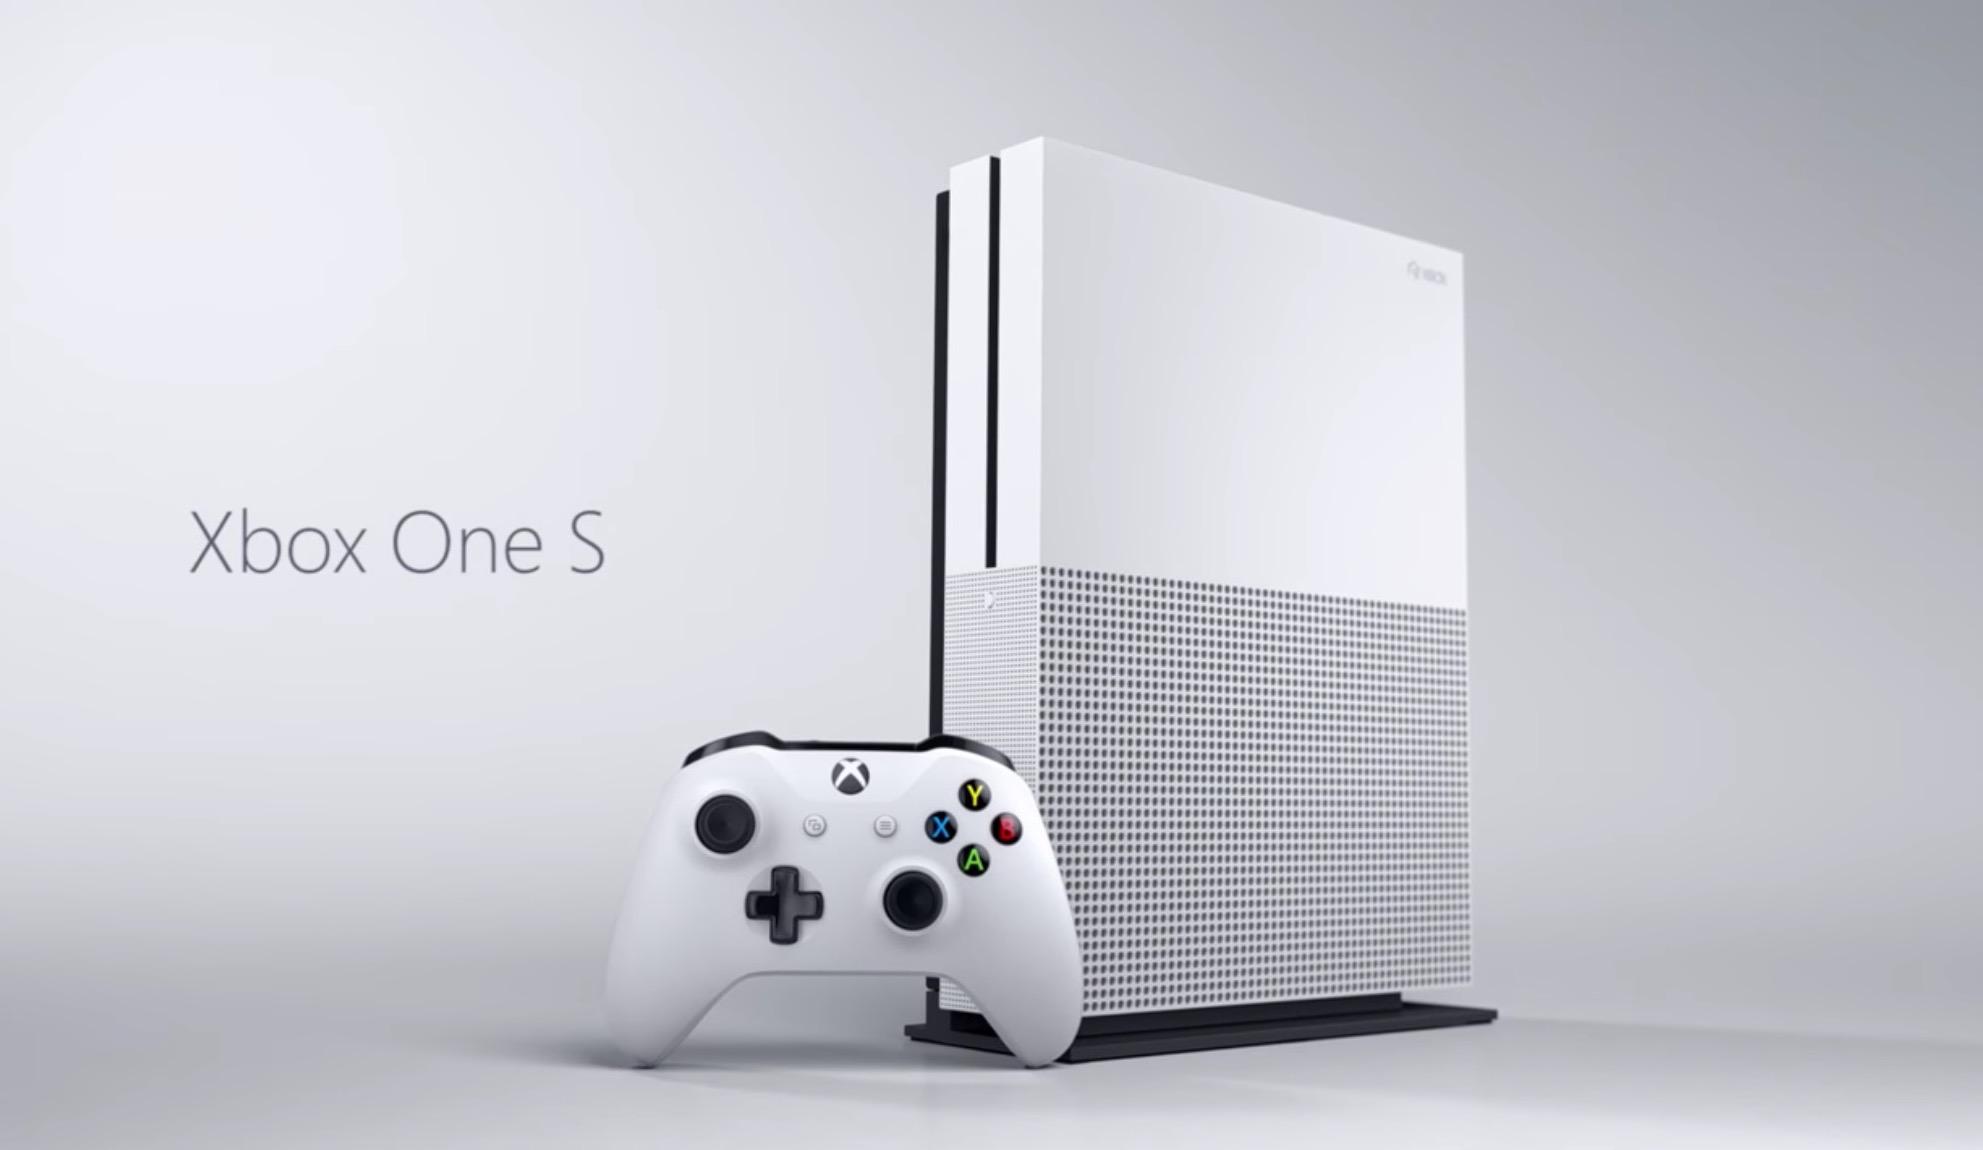 Xbox One S annunciata ufficialmente: ecco tutti i dettagli